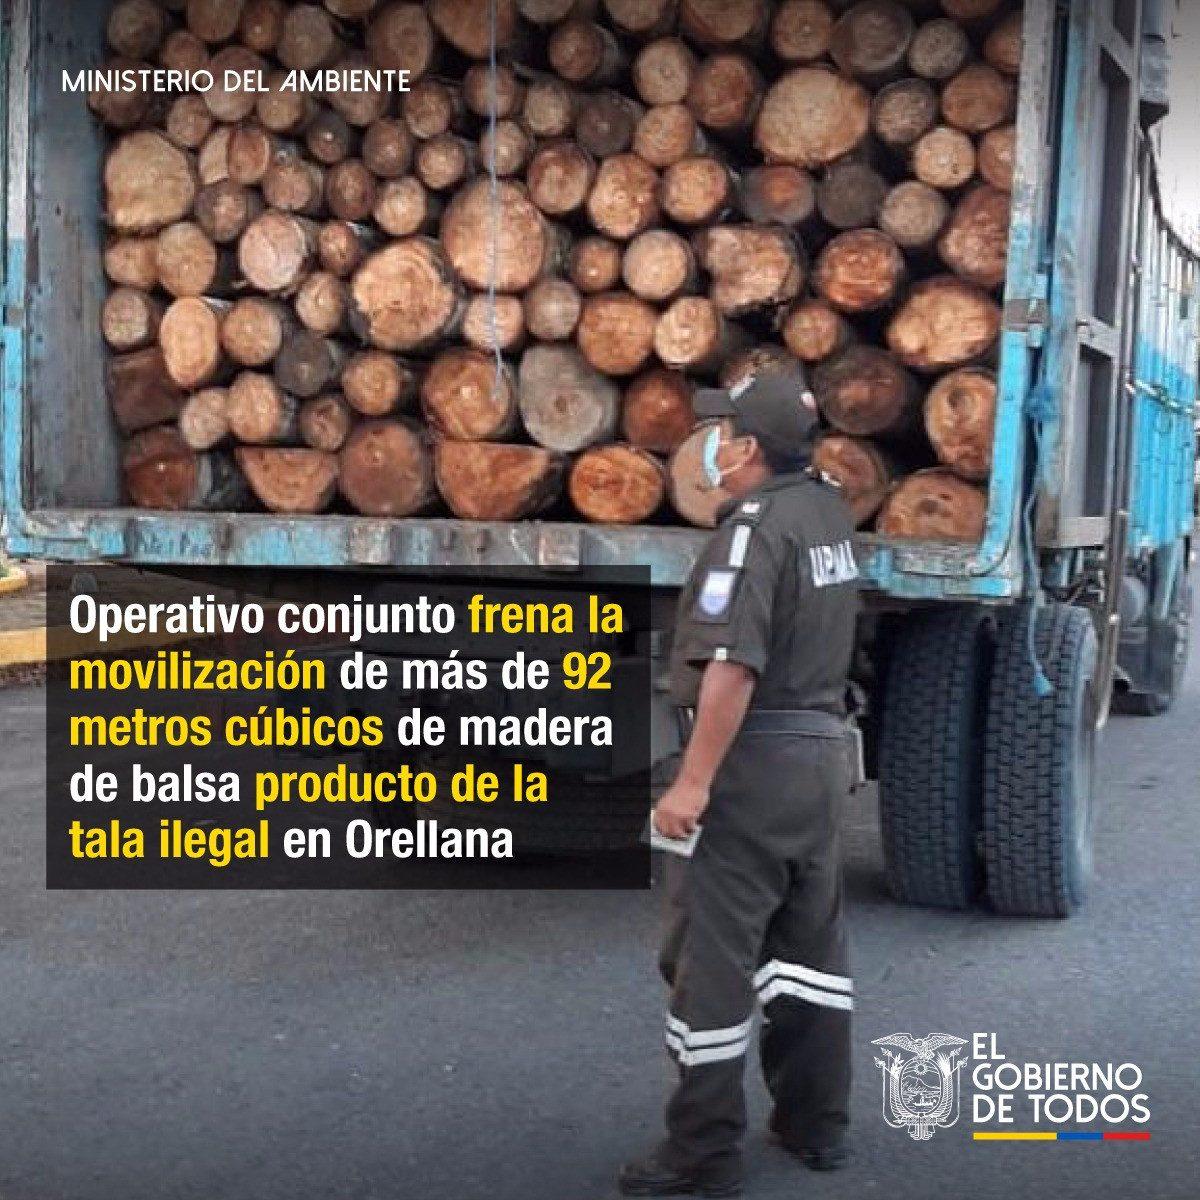 Operativo frenó la movilización de 92 metros cúbicos de madera de balsa producto de la tala ilegal en Orellana